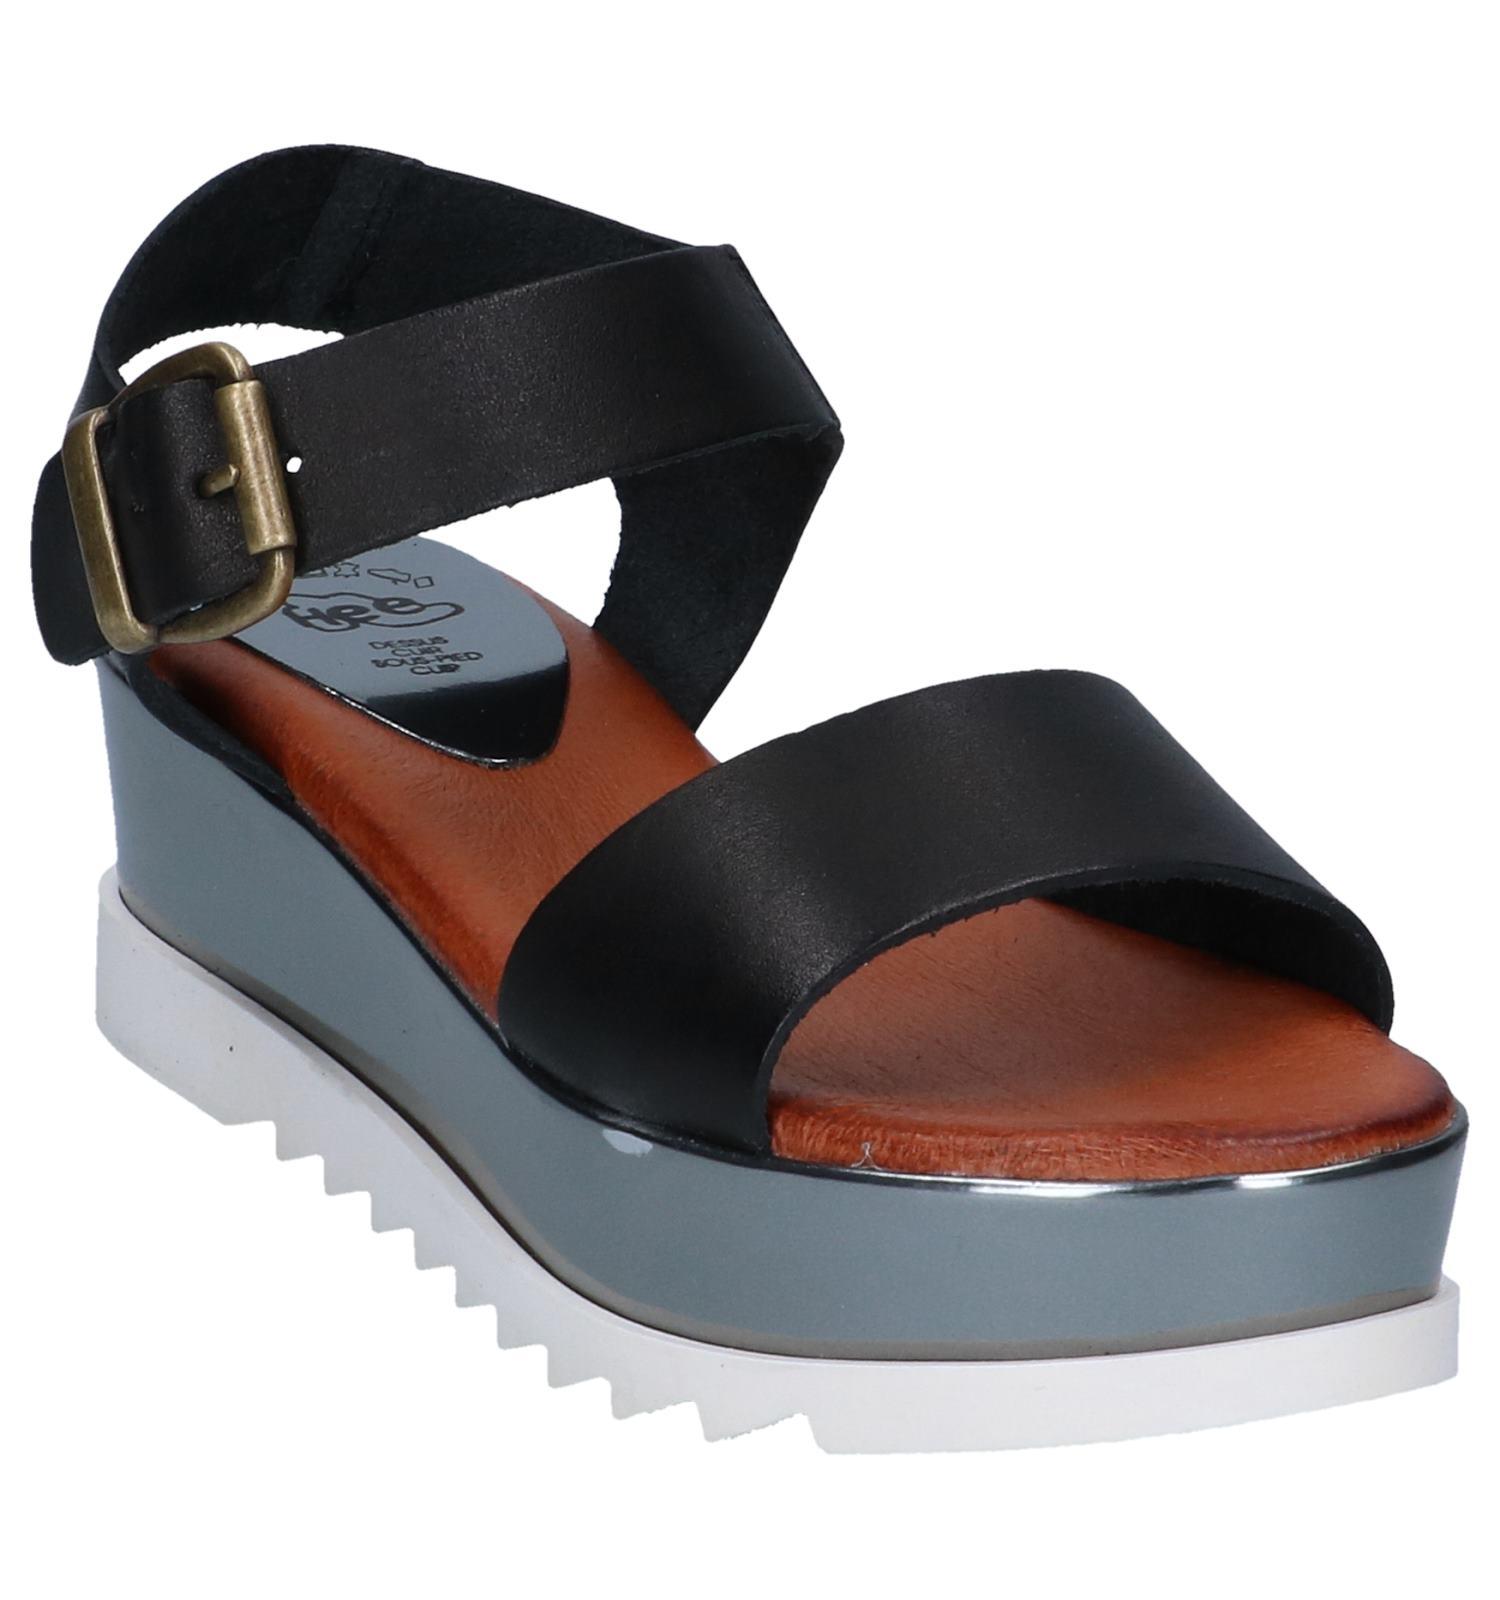 Zwarte Sandalen Caprice | TORFS.BE | Gratis verzend en retour